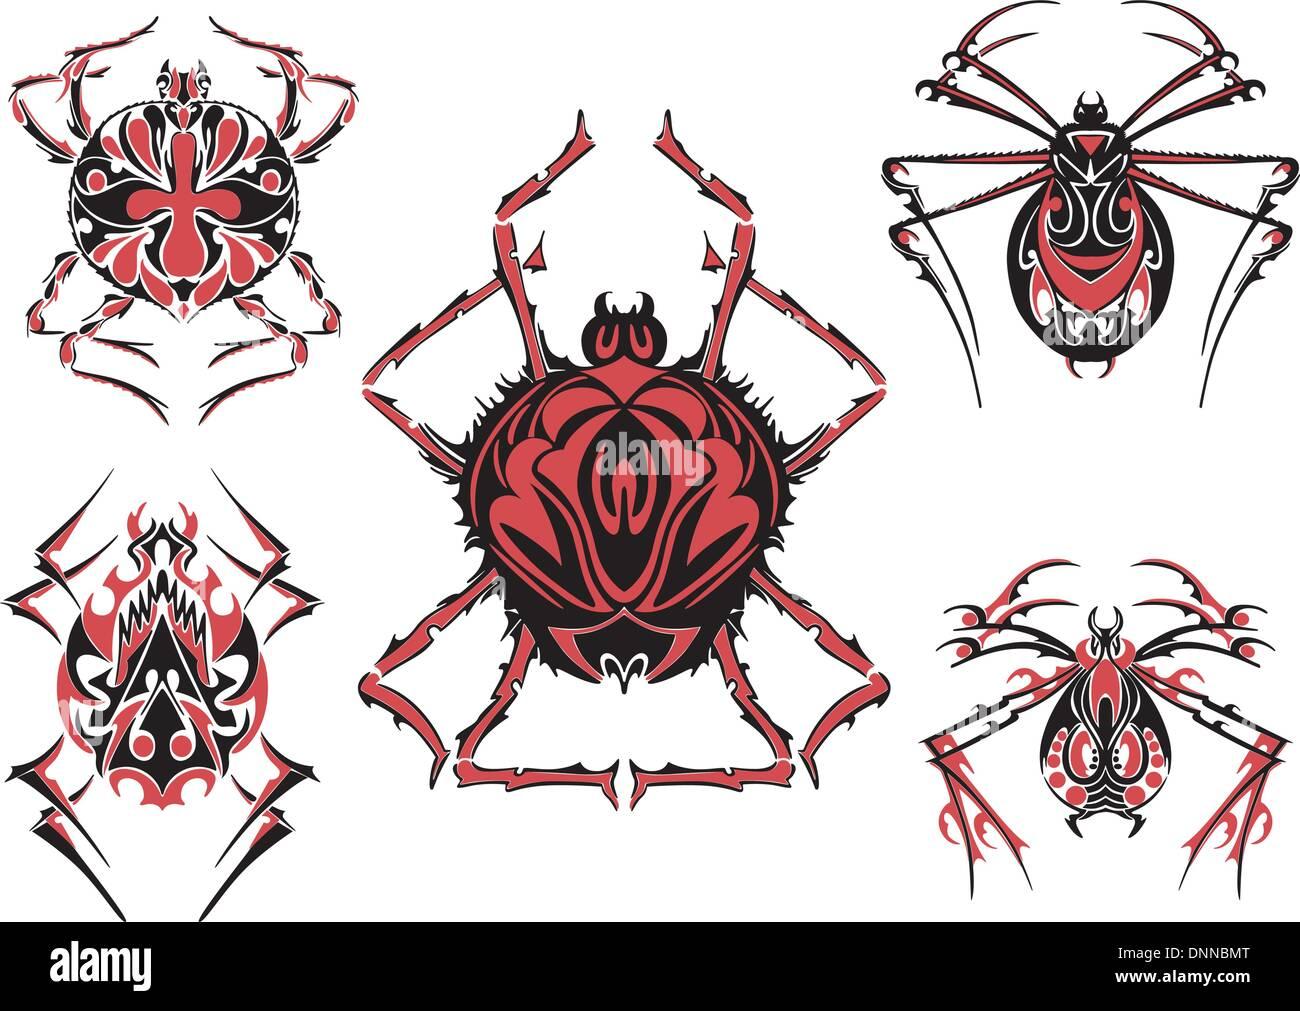 Negro y rojo tatuajes de araña simétrico. Ilustración vectorial EPS8 Imagen De Stock